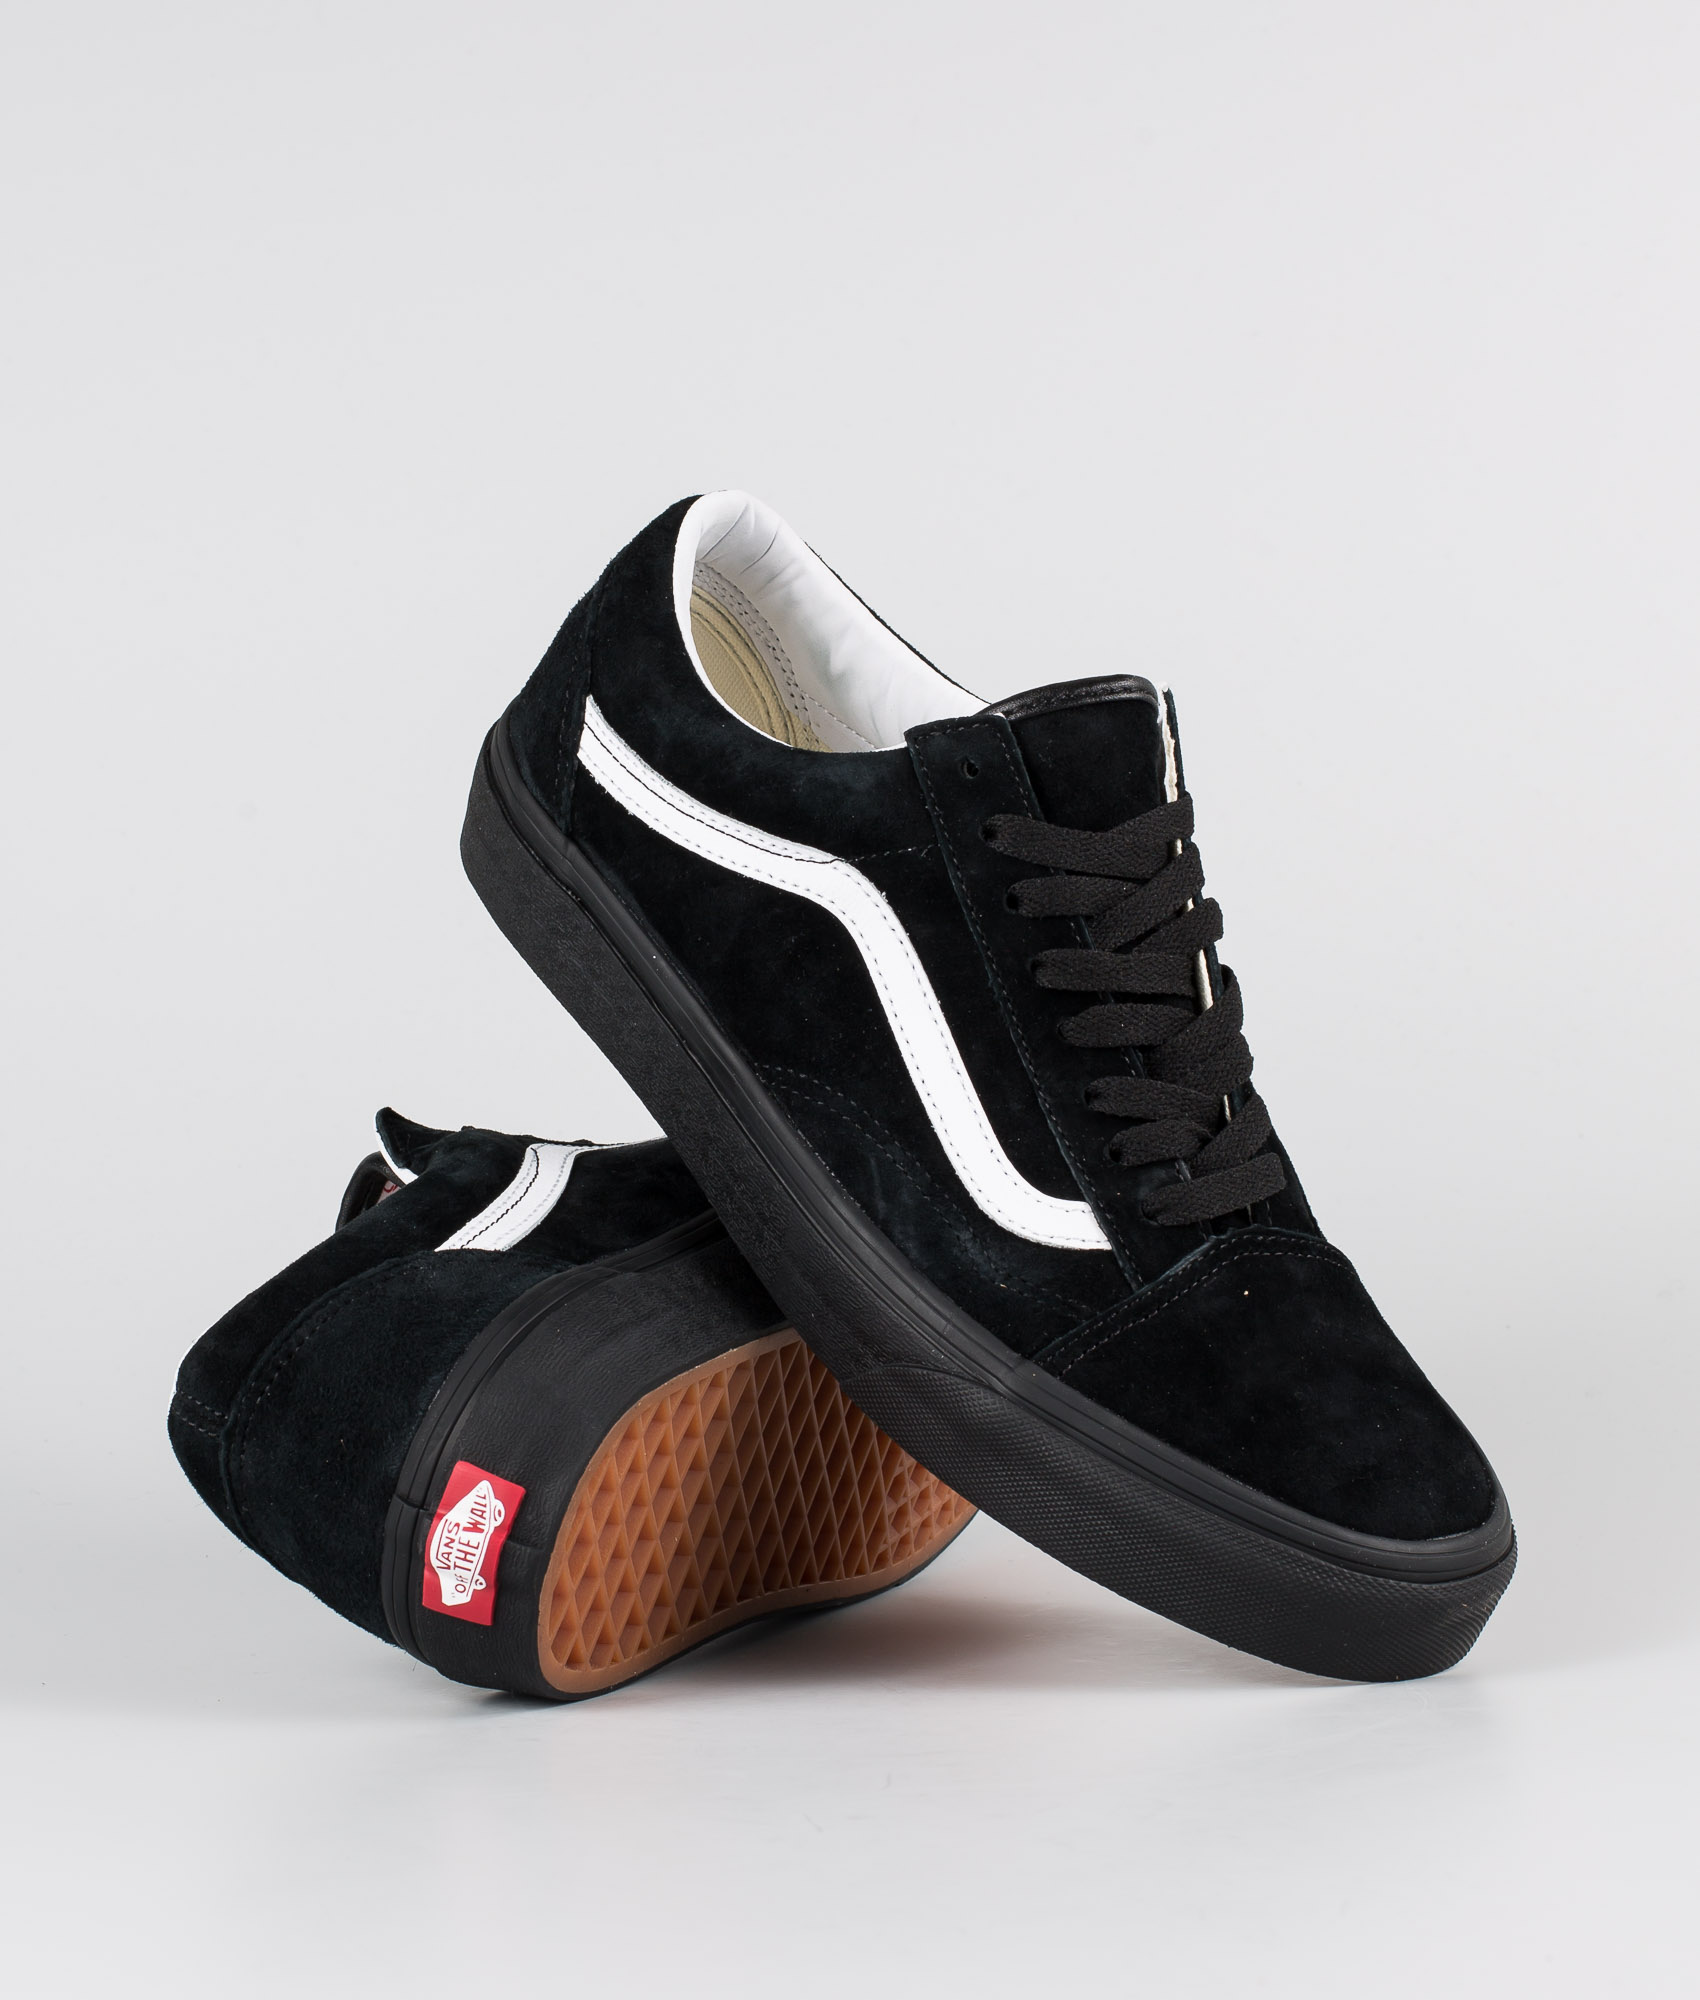 Vans Old Skool Shoes (Pig Suede) Black